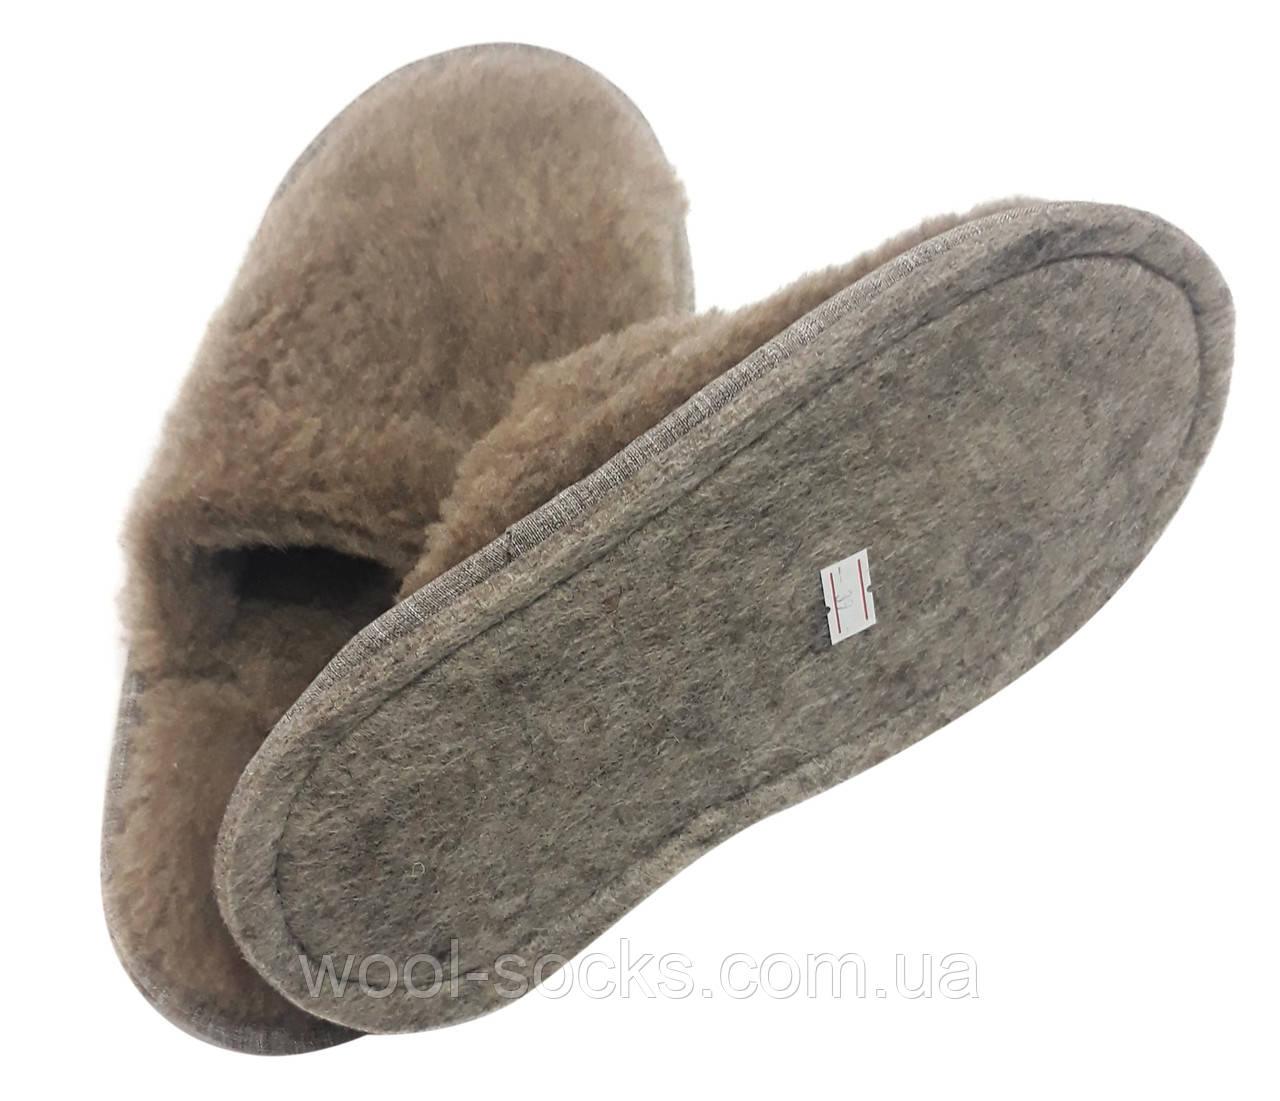 Тапочки из овчины коричневые